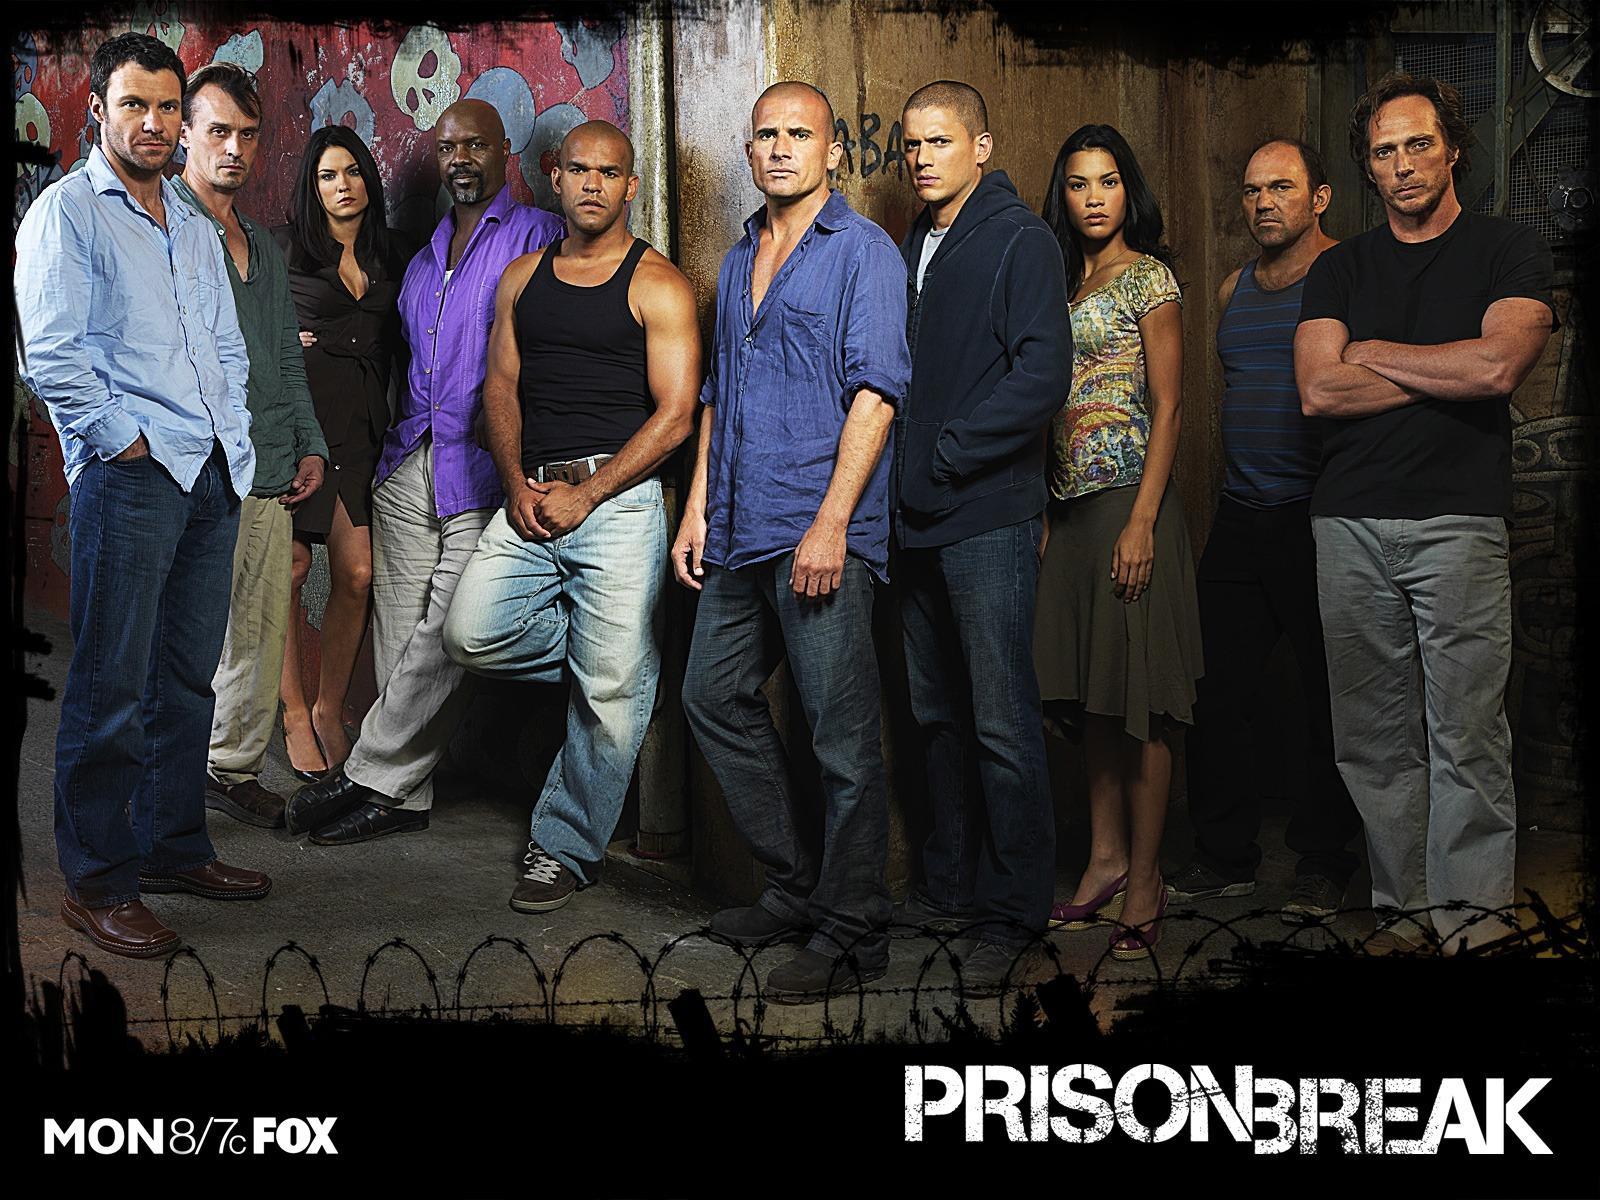 prison break season 3 - Prison Break fond d'écran (699632) - fanpop - Page  10